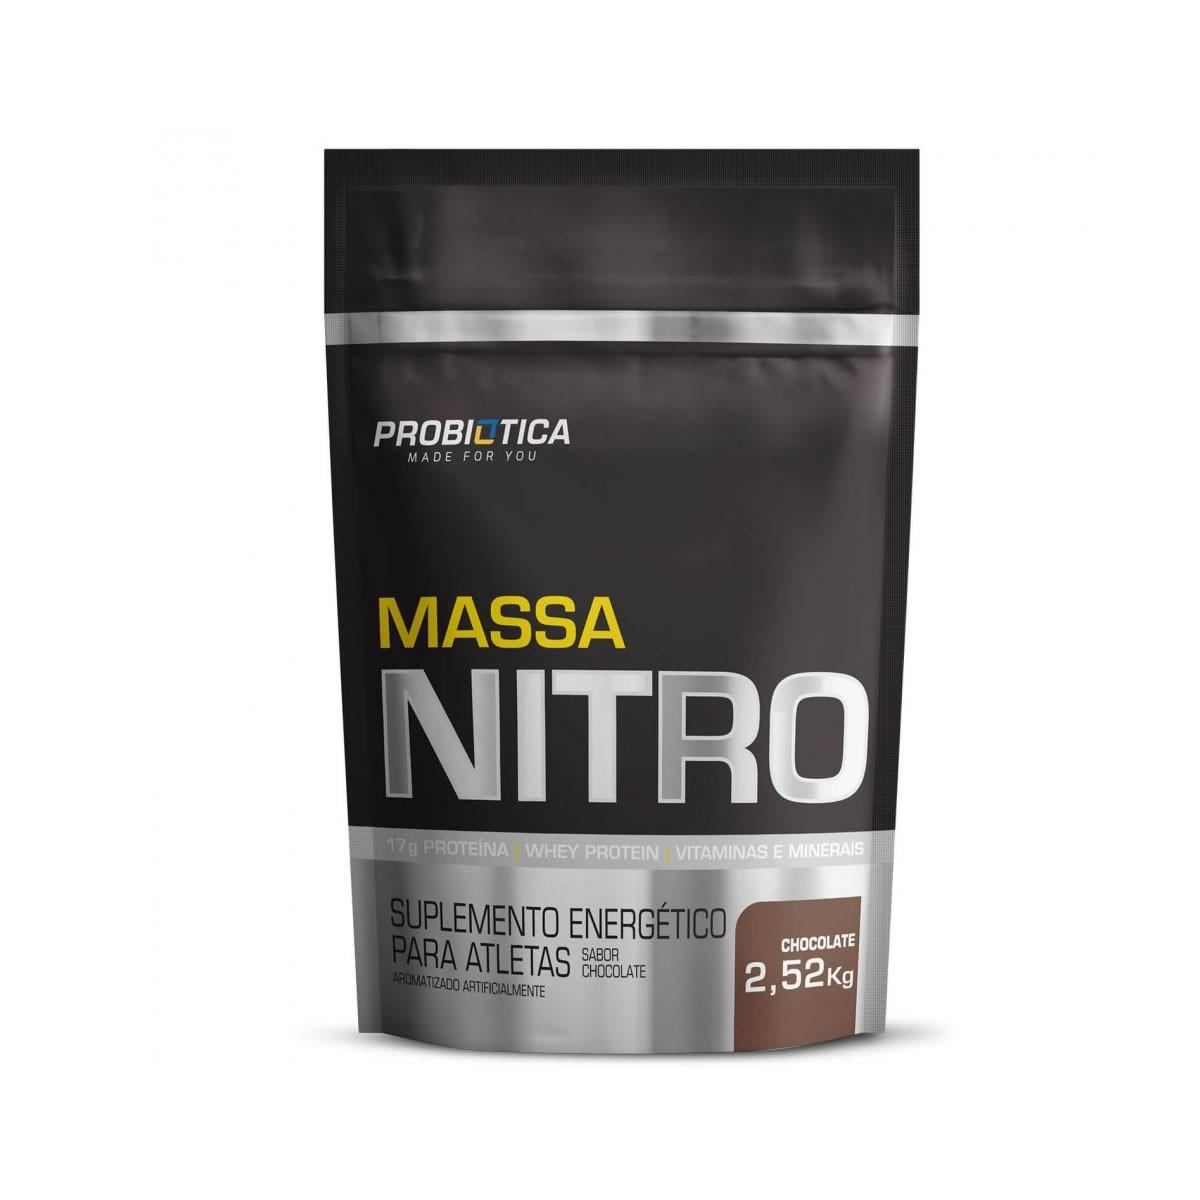 Massa Nitro Sabor Chocolate 2,520kg - Probiotica